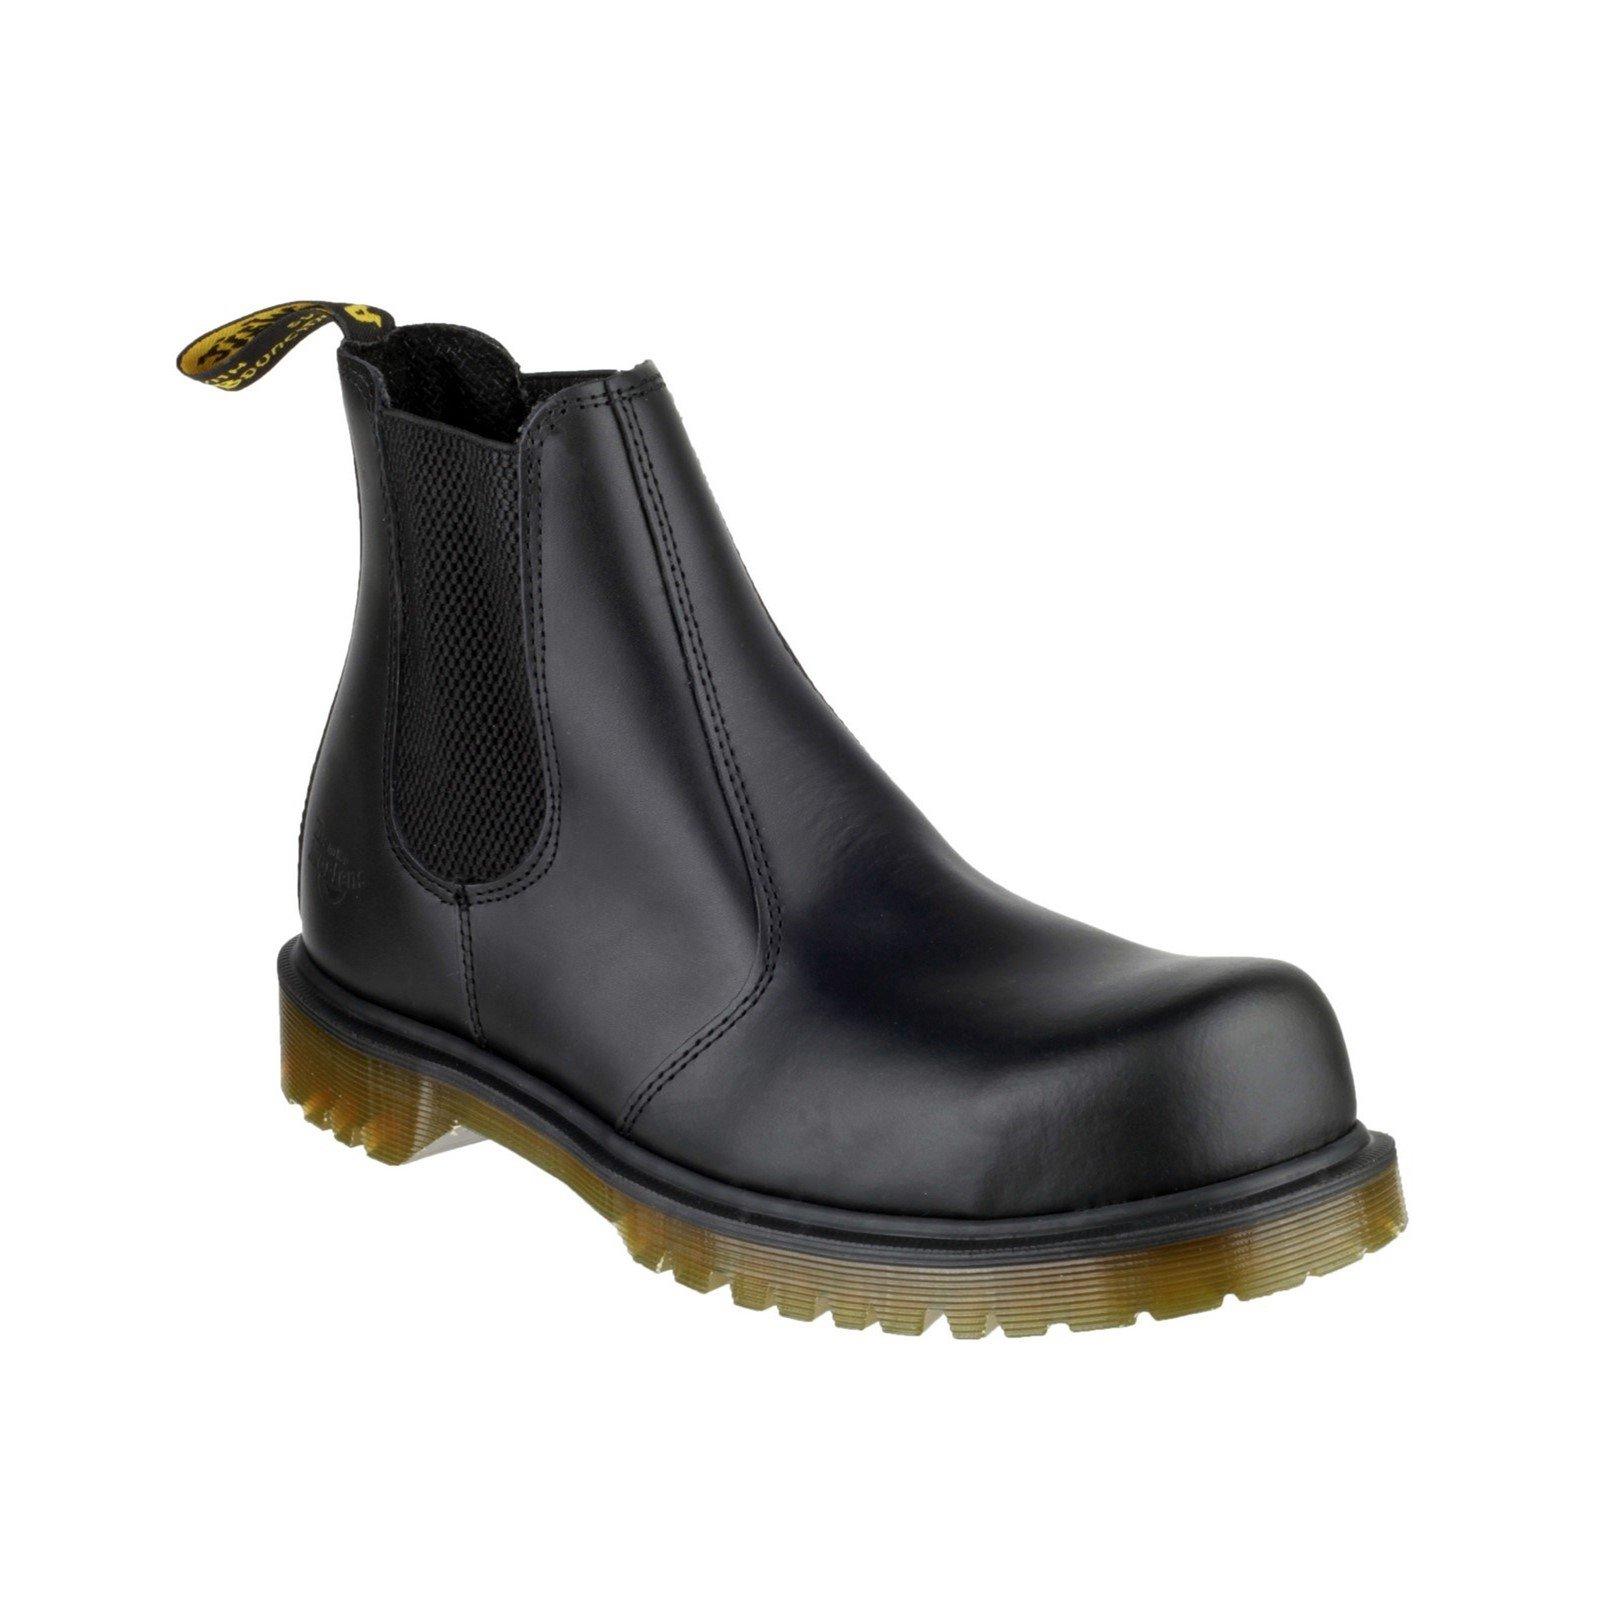 Dr Martens Unisex Dealer Boot Black 00496 - Black 12